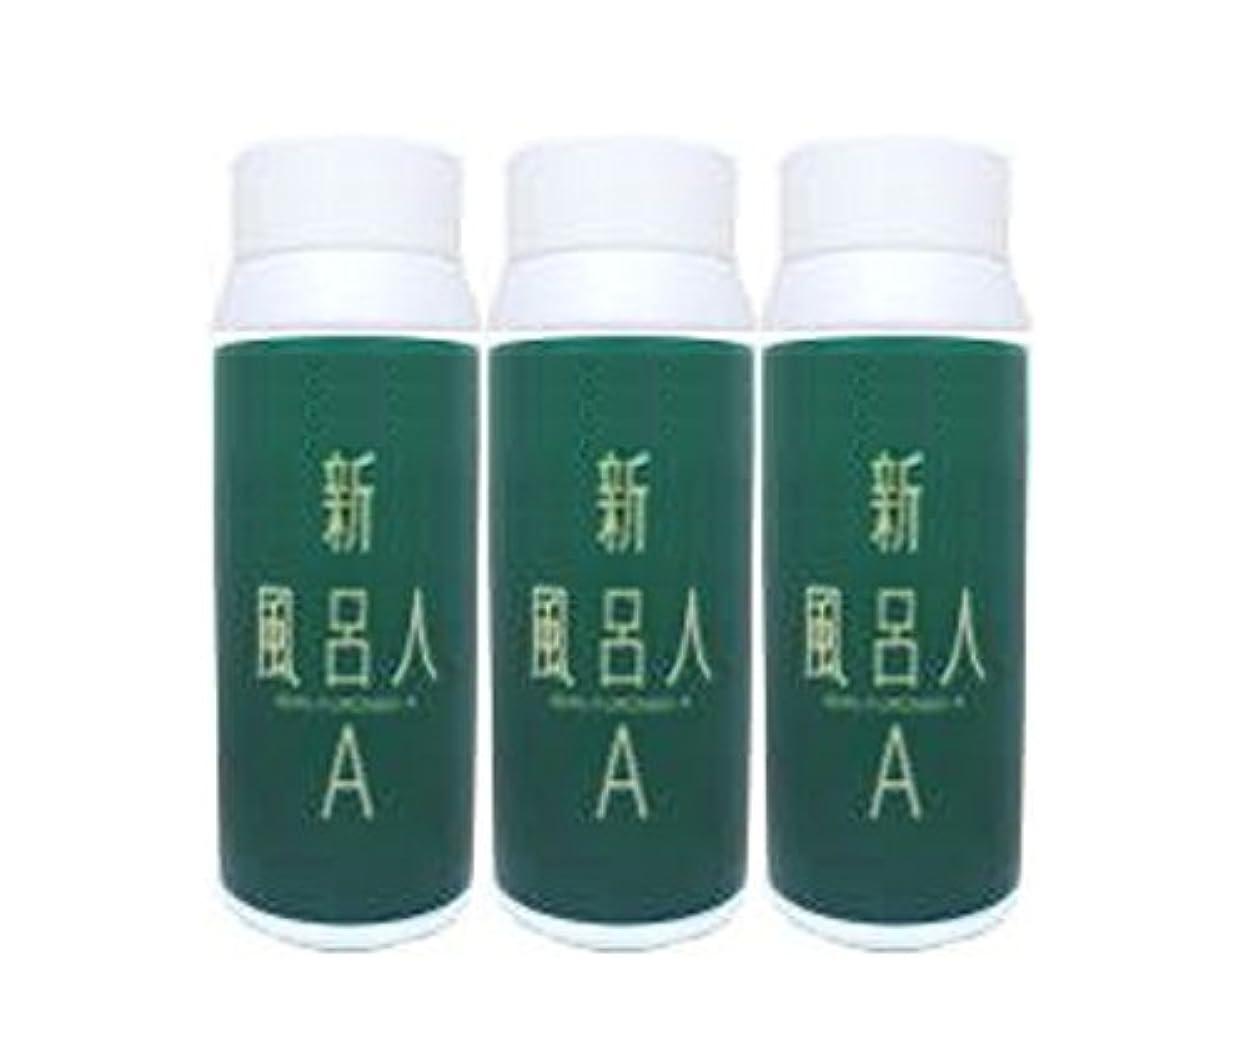 ナラーバー次アソシエイト24時間風呂用 入浴剤 新フロンドA 1000g 【3本セット】